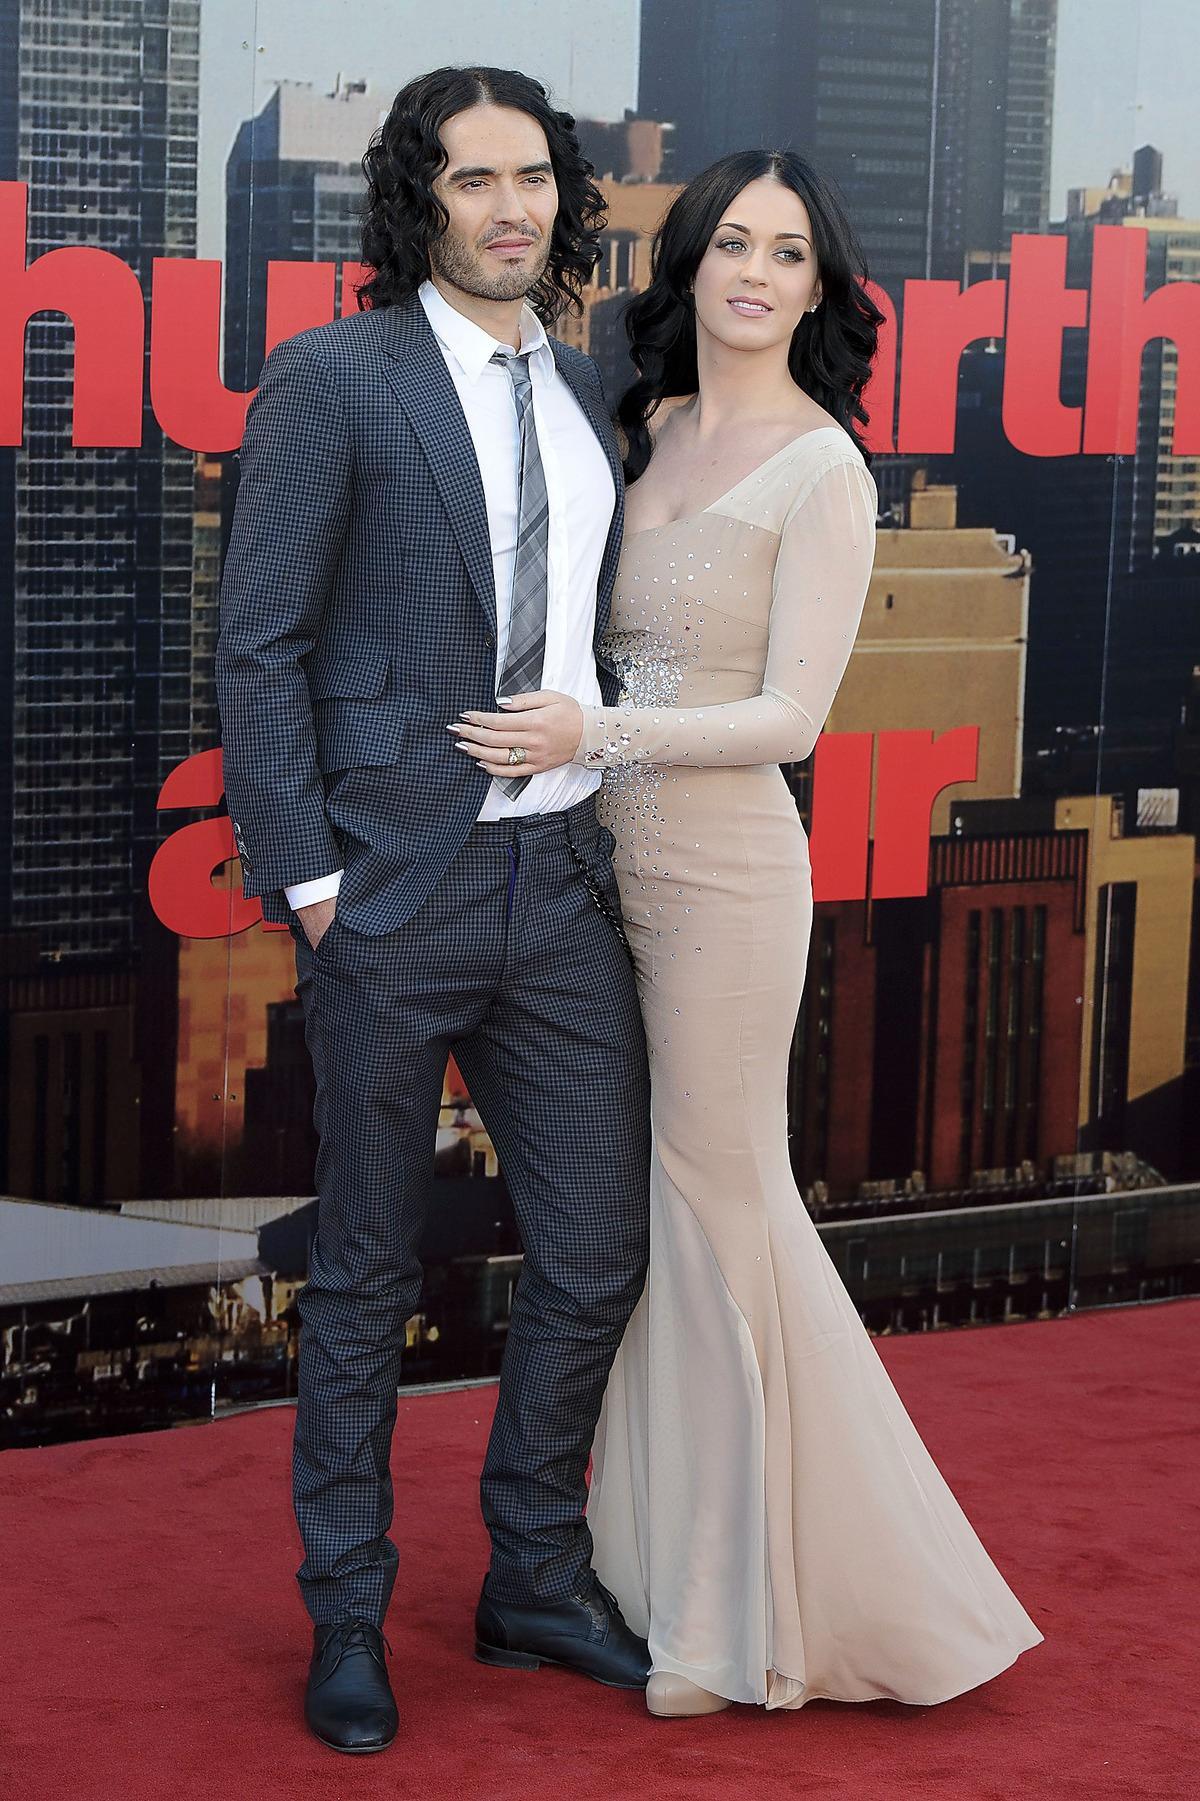 HON VILLE VÄNTA I sångerskan Katy Perrys och Russell Brands fall var det Russell som ville bilda familj medan sångerskan ville vänta – vilket sägs vara anledningen till parets separation.